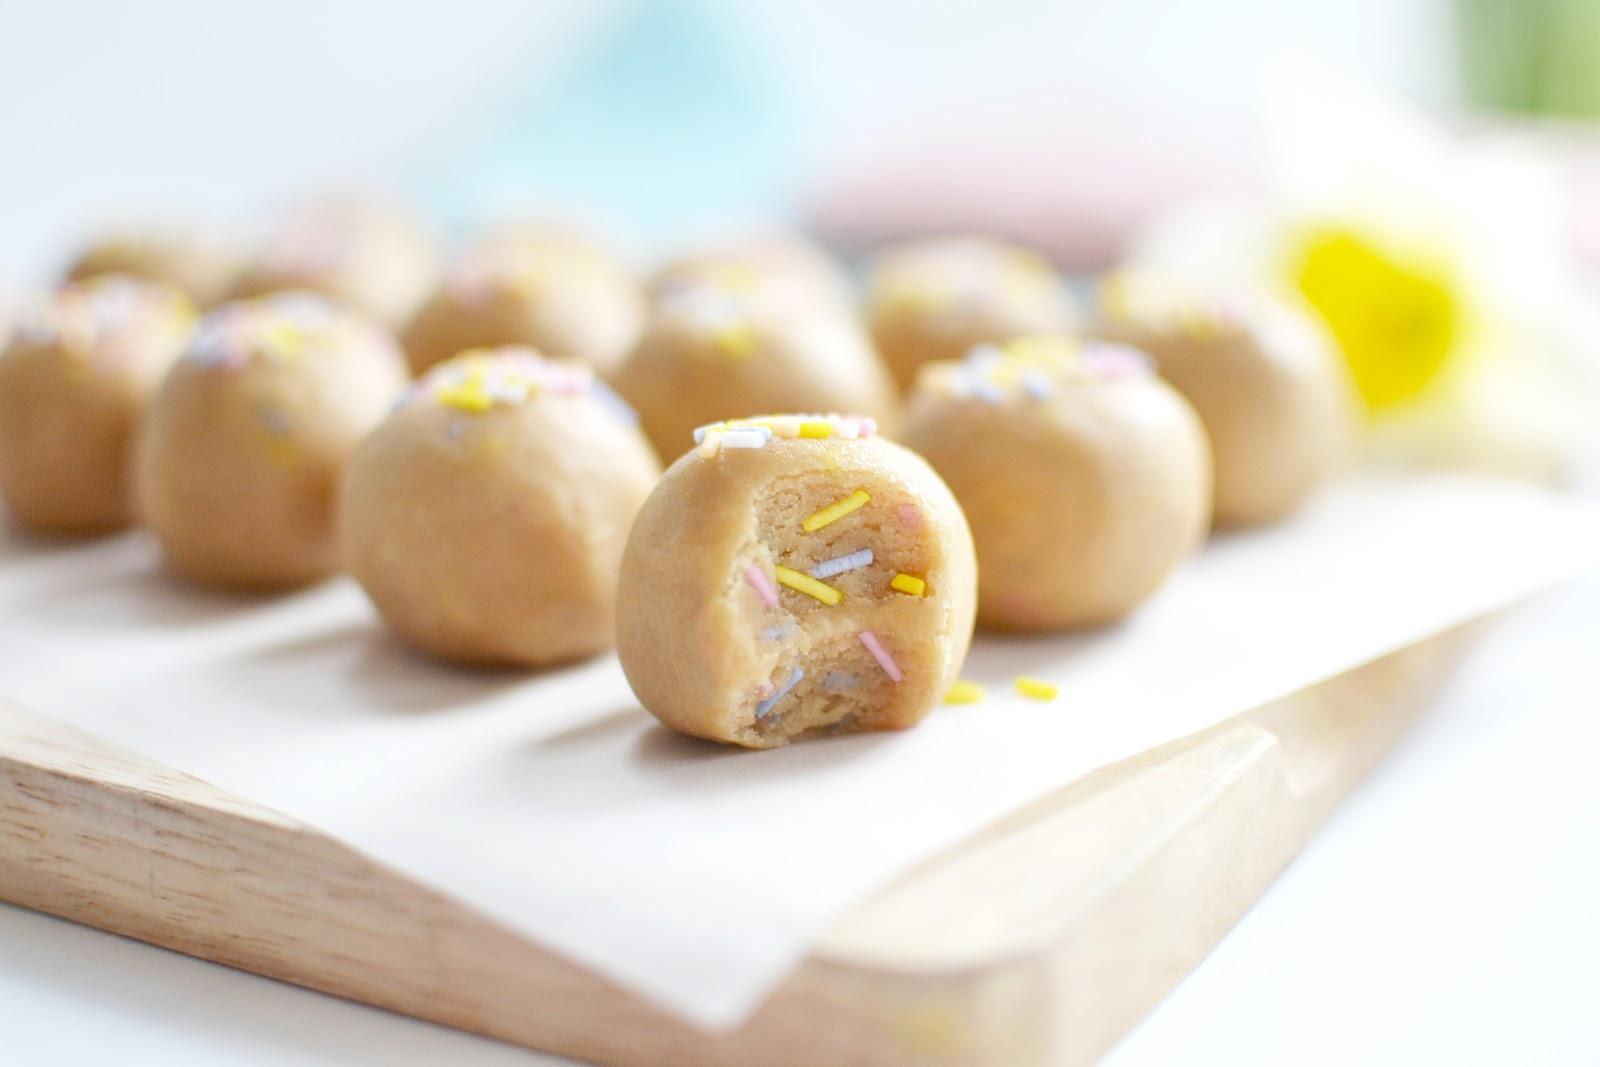 Funfetti Cookie Dough recipe